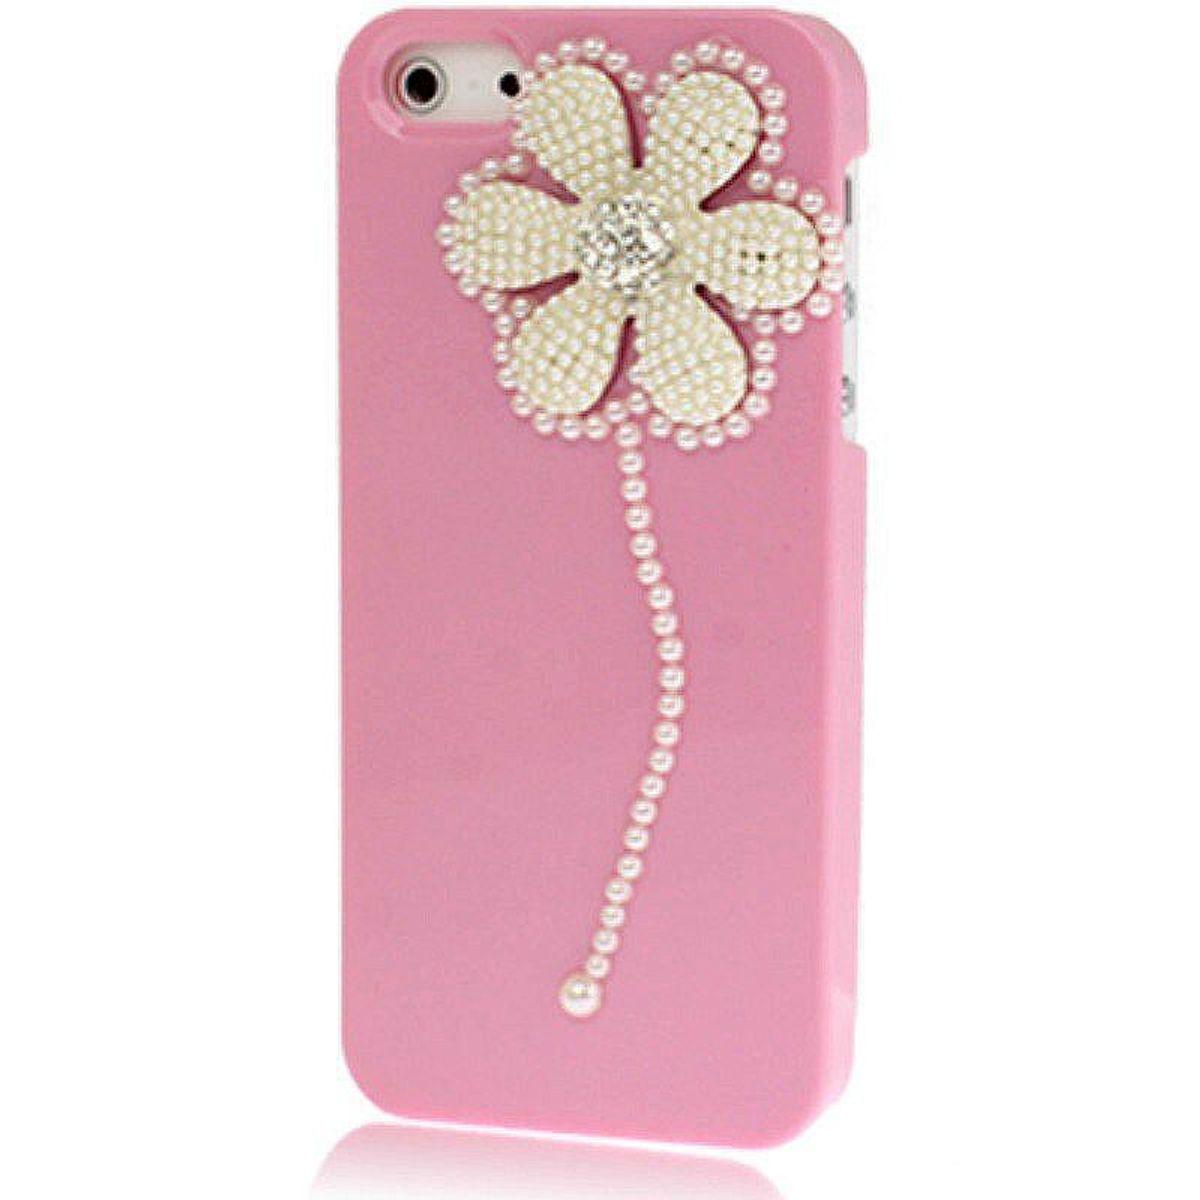 Schutzhülle Case Hülle für Apple iPhone 5 / 5s